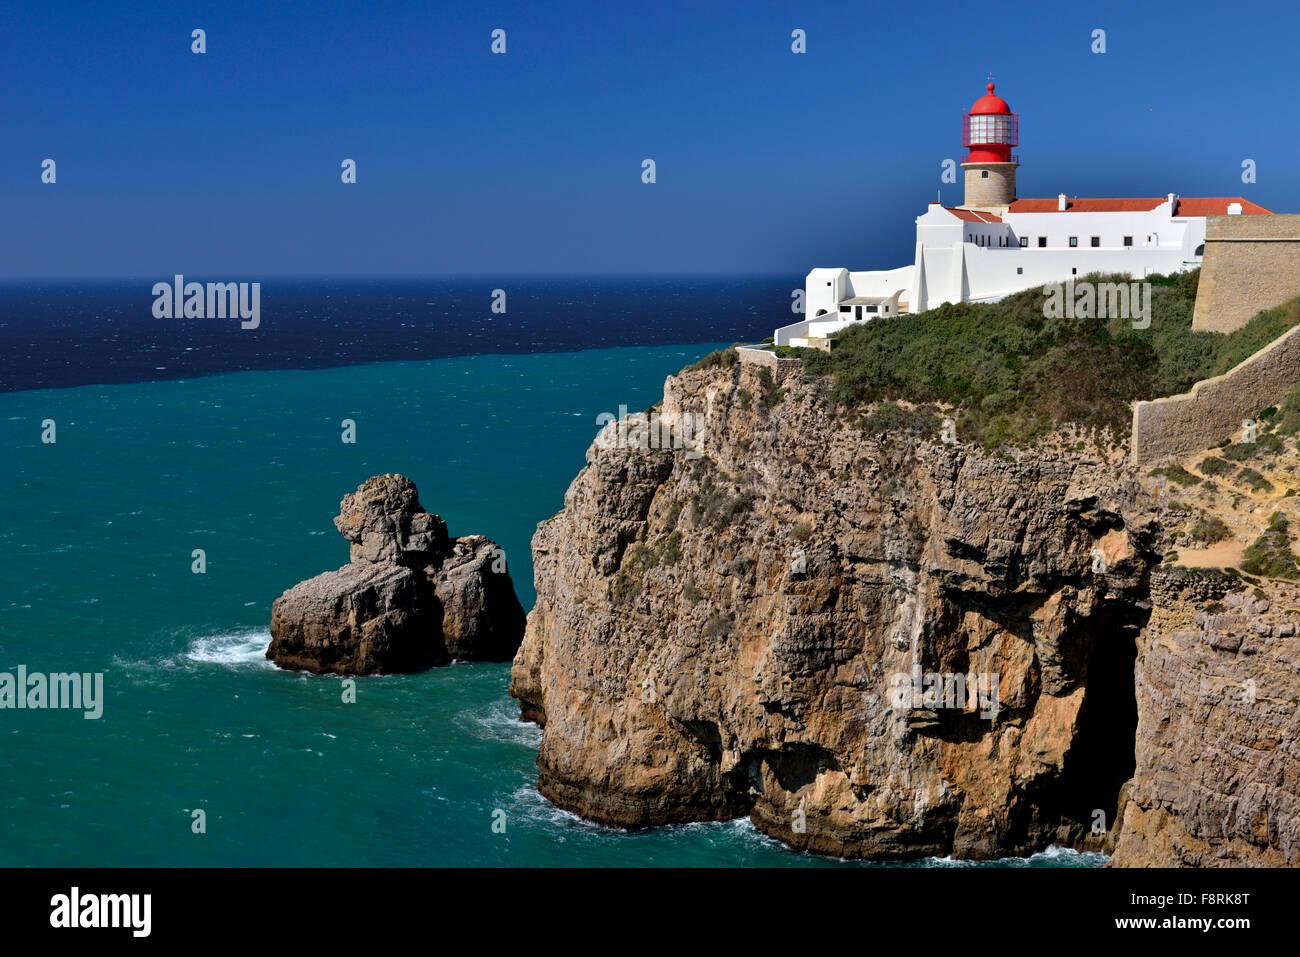 Portugal, Algarve: Lighthouse and Cape Saint Vincent Stock Photo